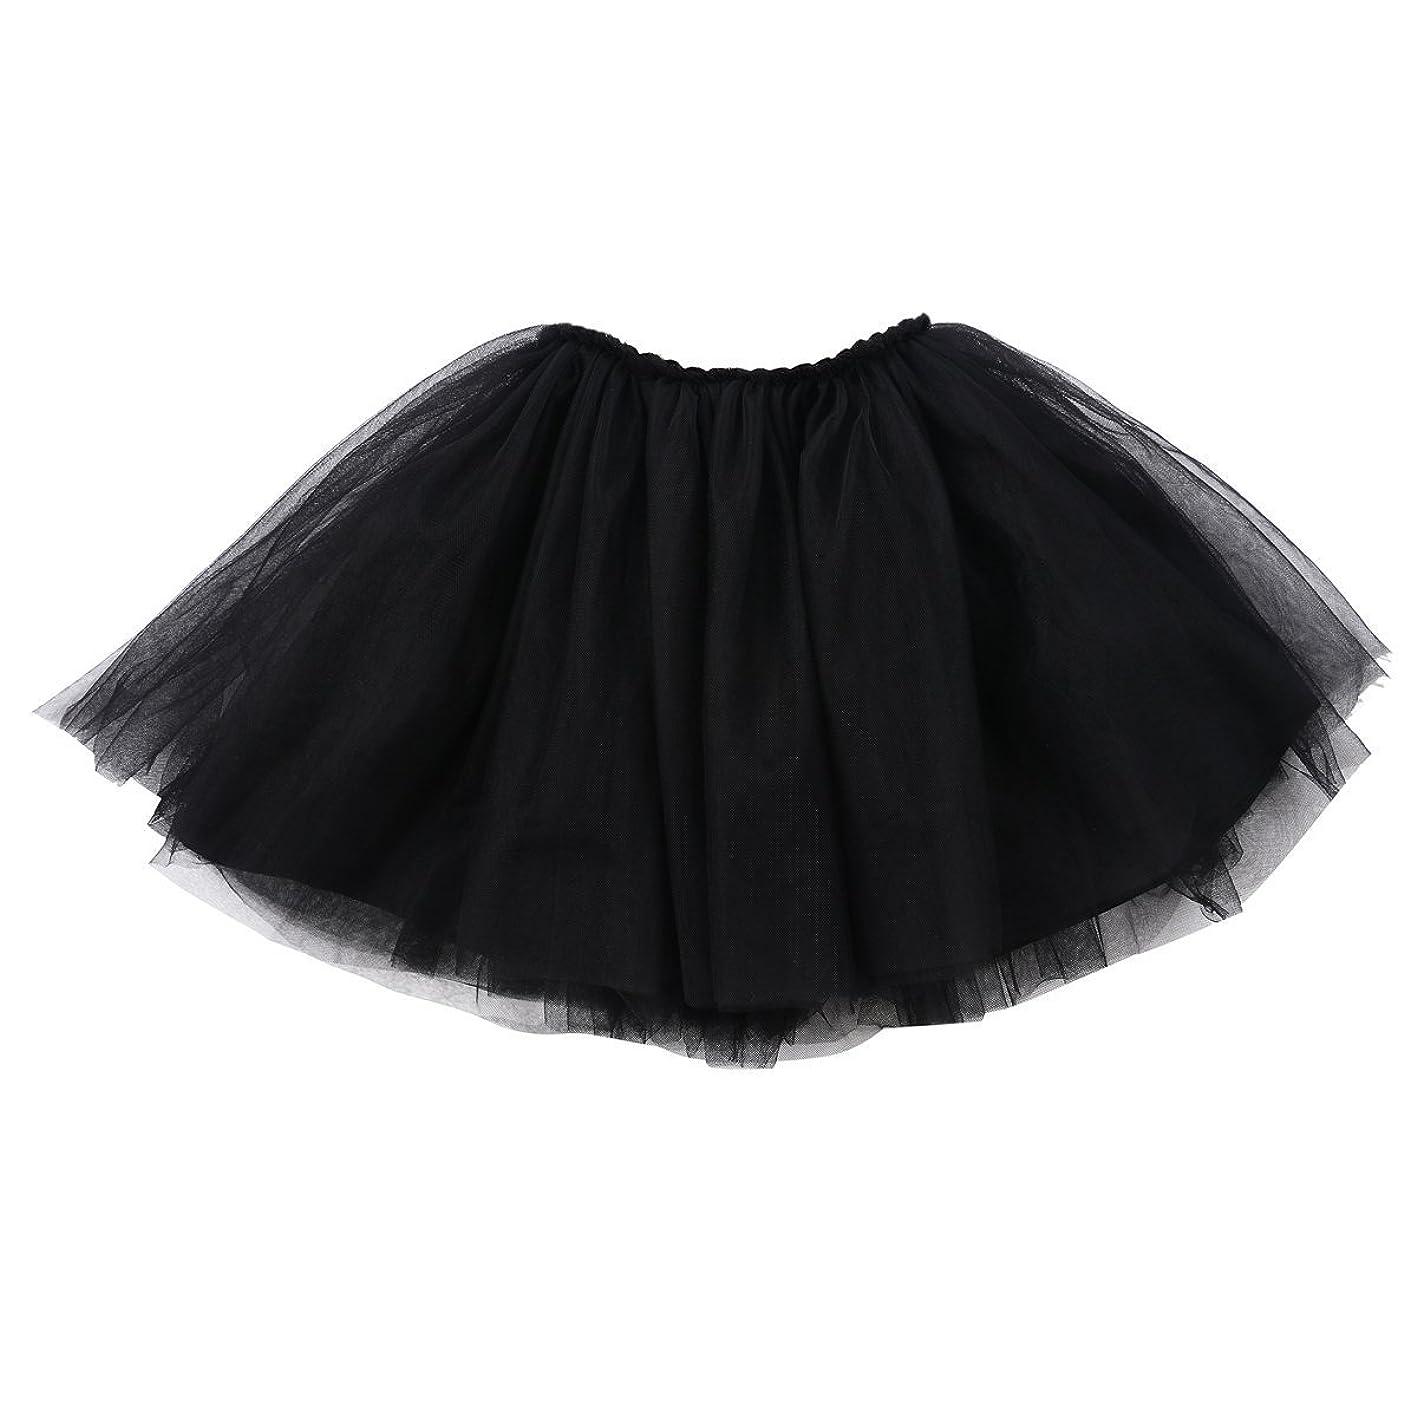 Baby Girl Princess Tulle Skirt Toddler Girl Dance Tutu Skirt xjcpuspirvs243